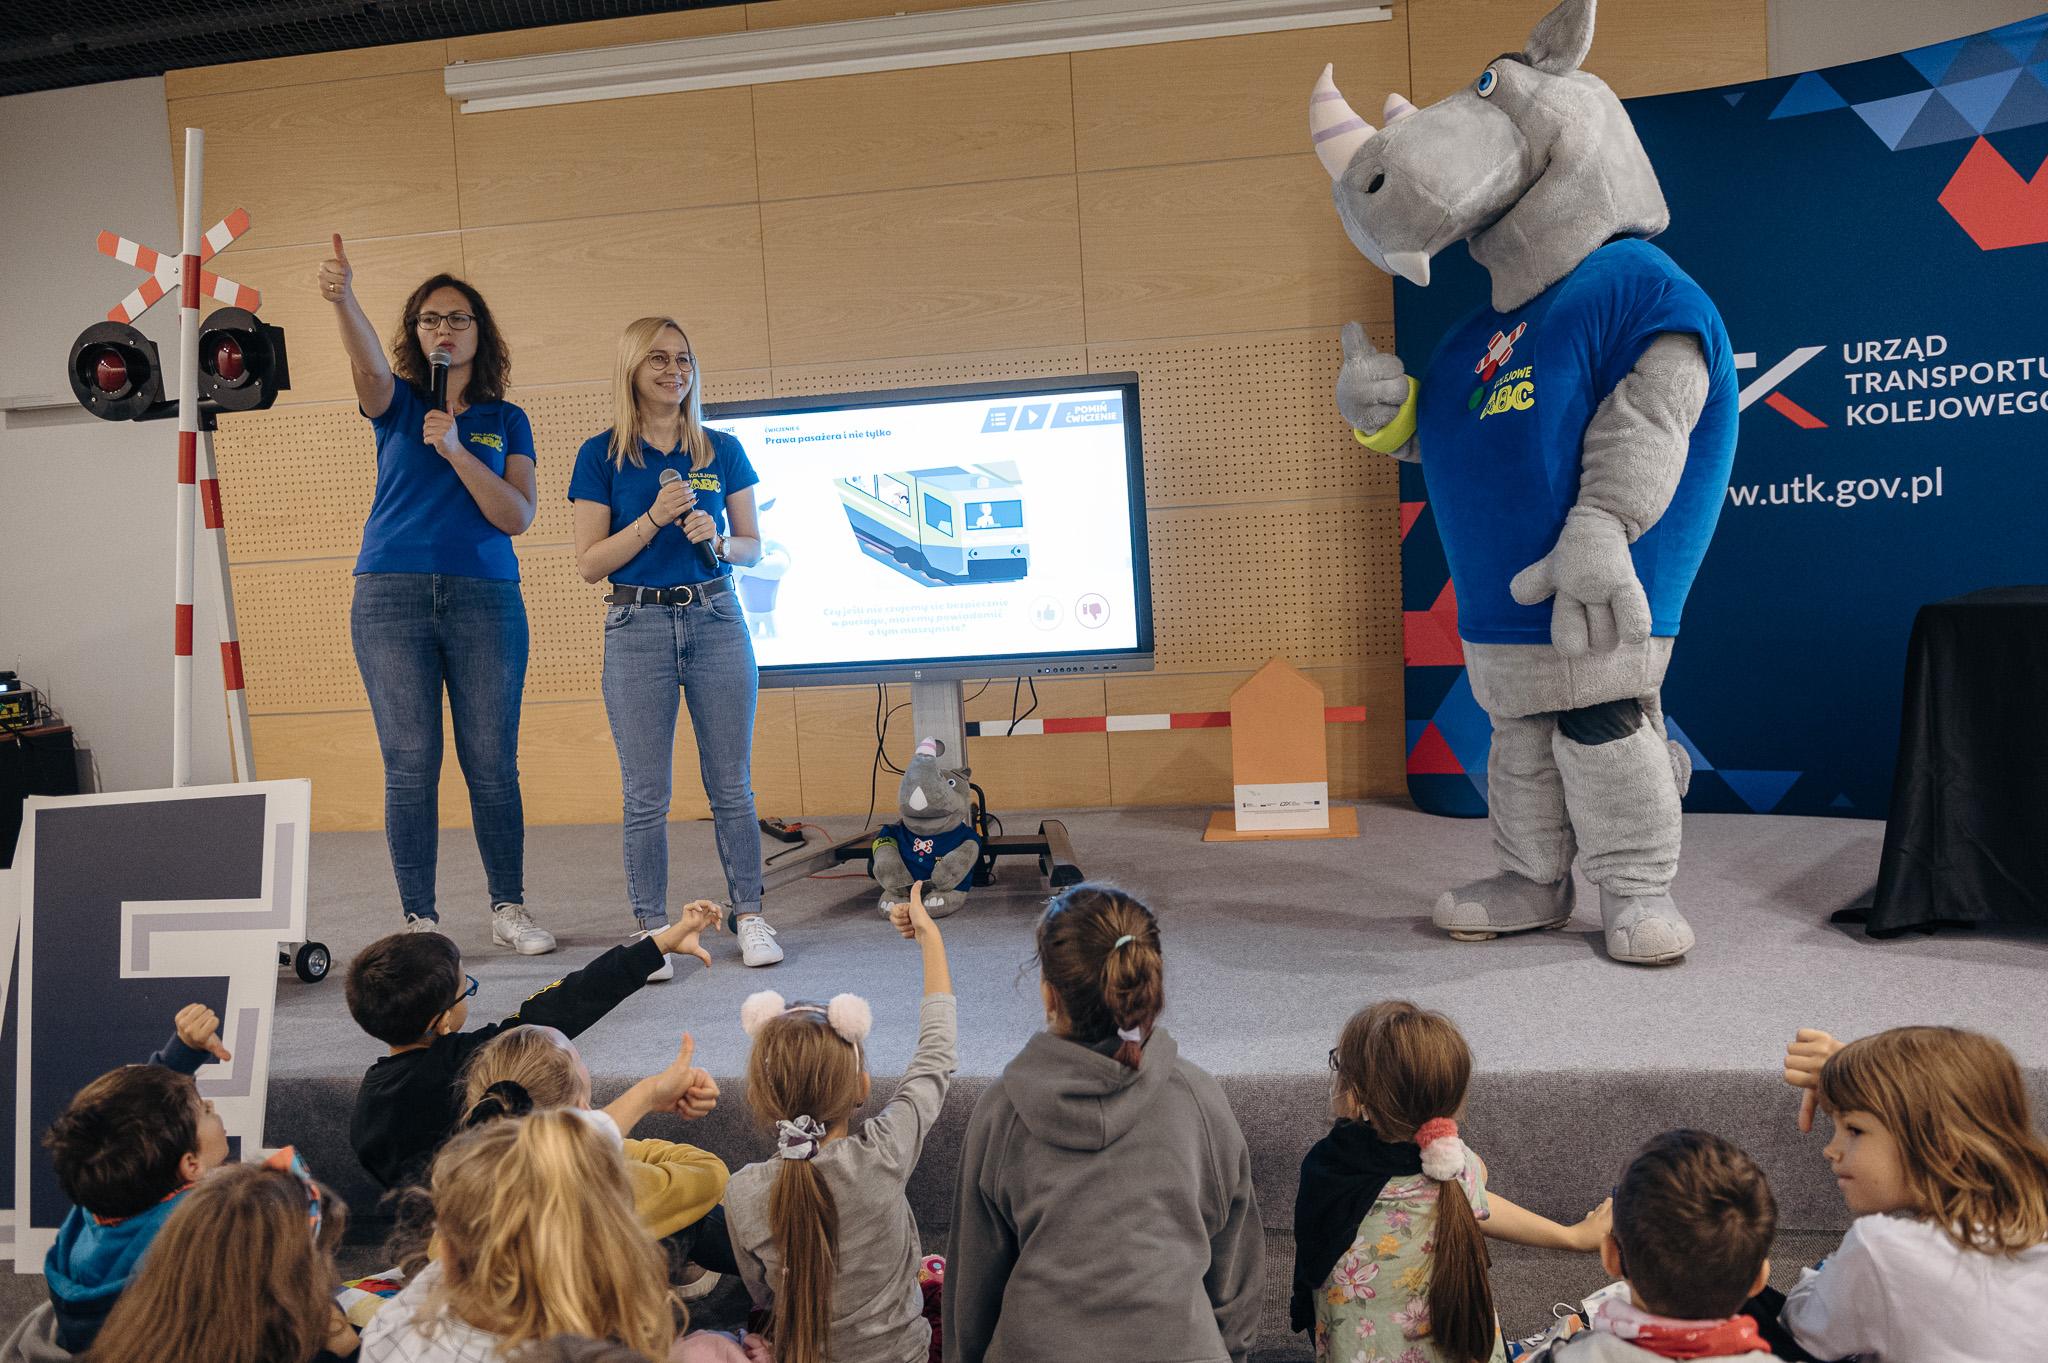 Spotkanie z dziećmi podczas inauguracji kampanii Kolejowe ABC